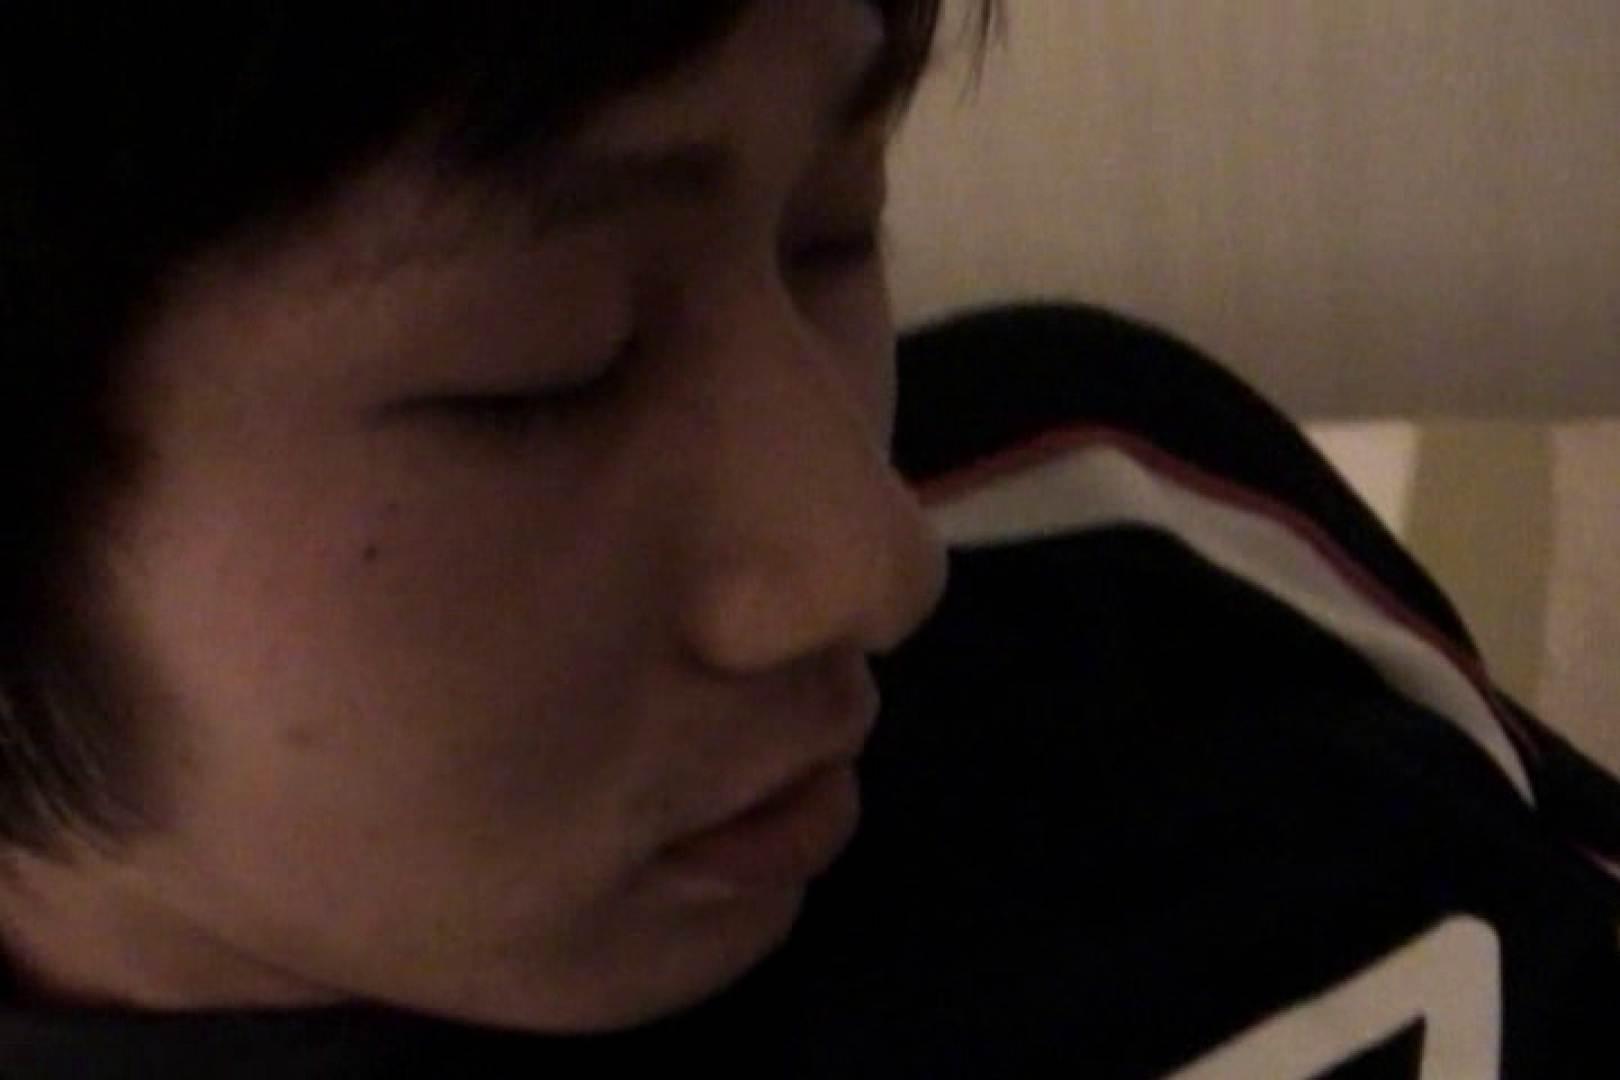 三ツ星シリーズ 魅惑のMemorial Night!! vol.01 無修正 ゲイエロ画像 45pic 4